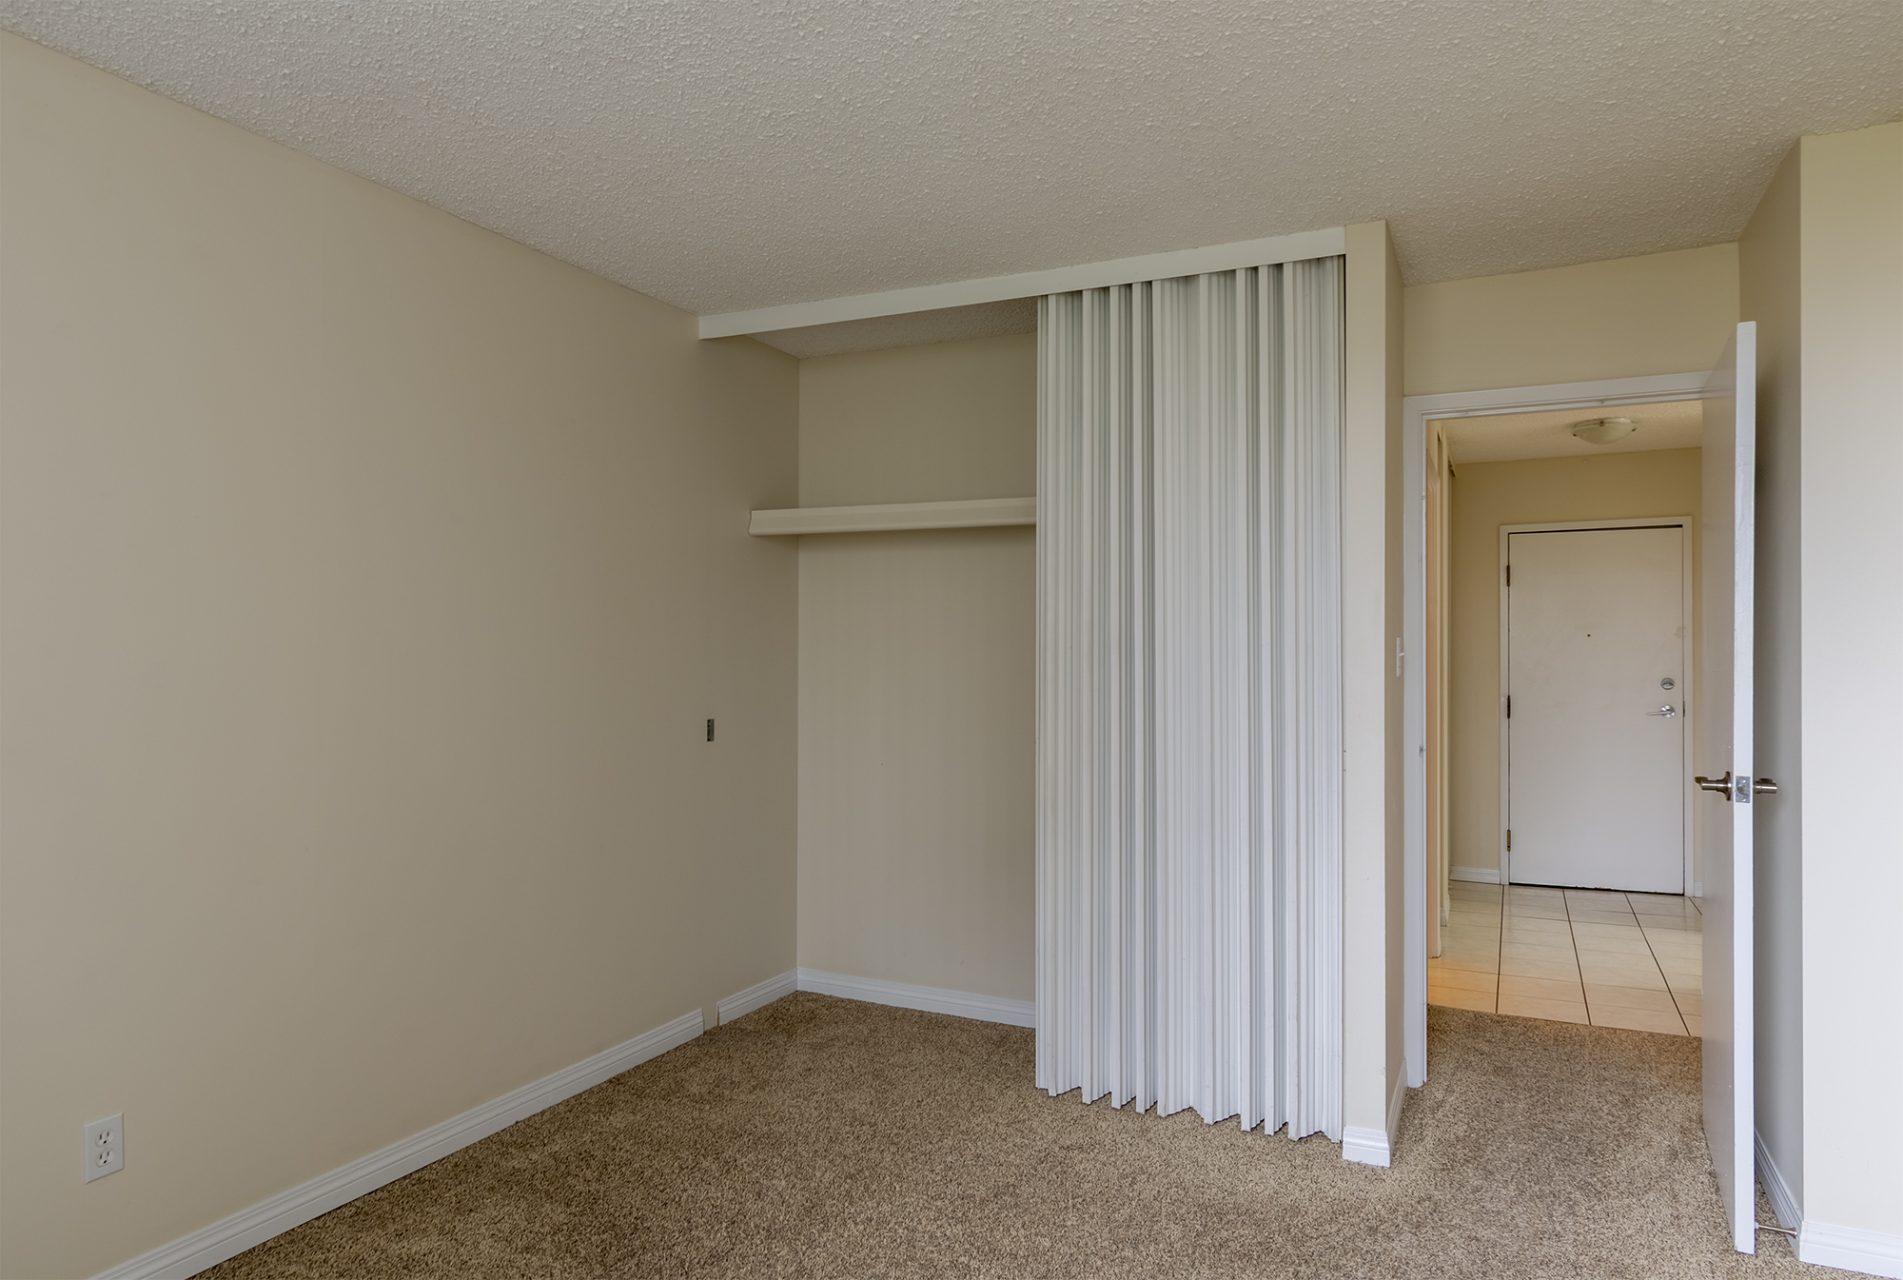 MHA_Mountbatten_2020_Classic Bedroom_3